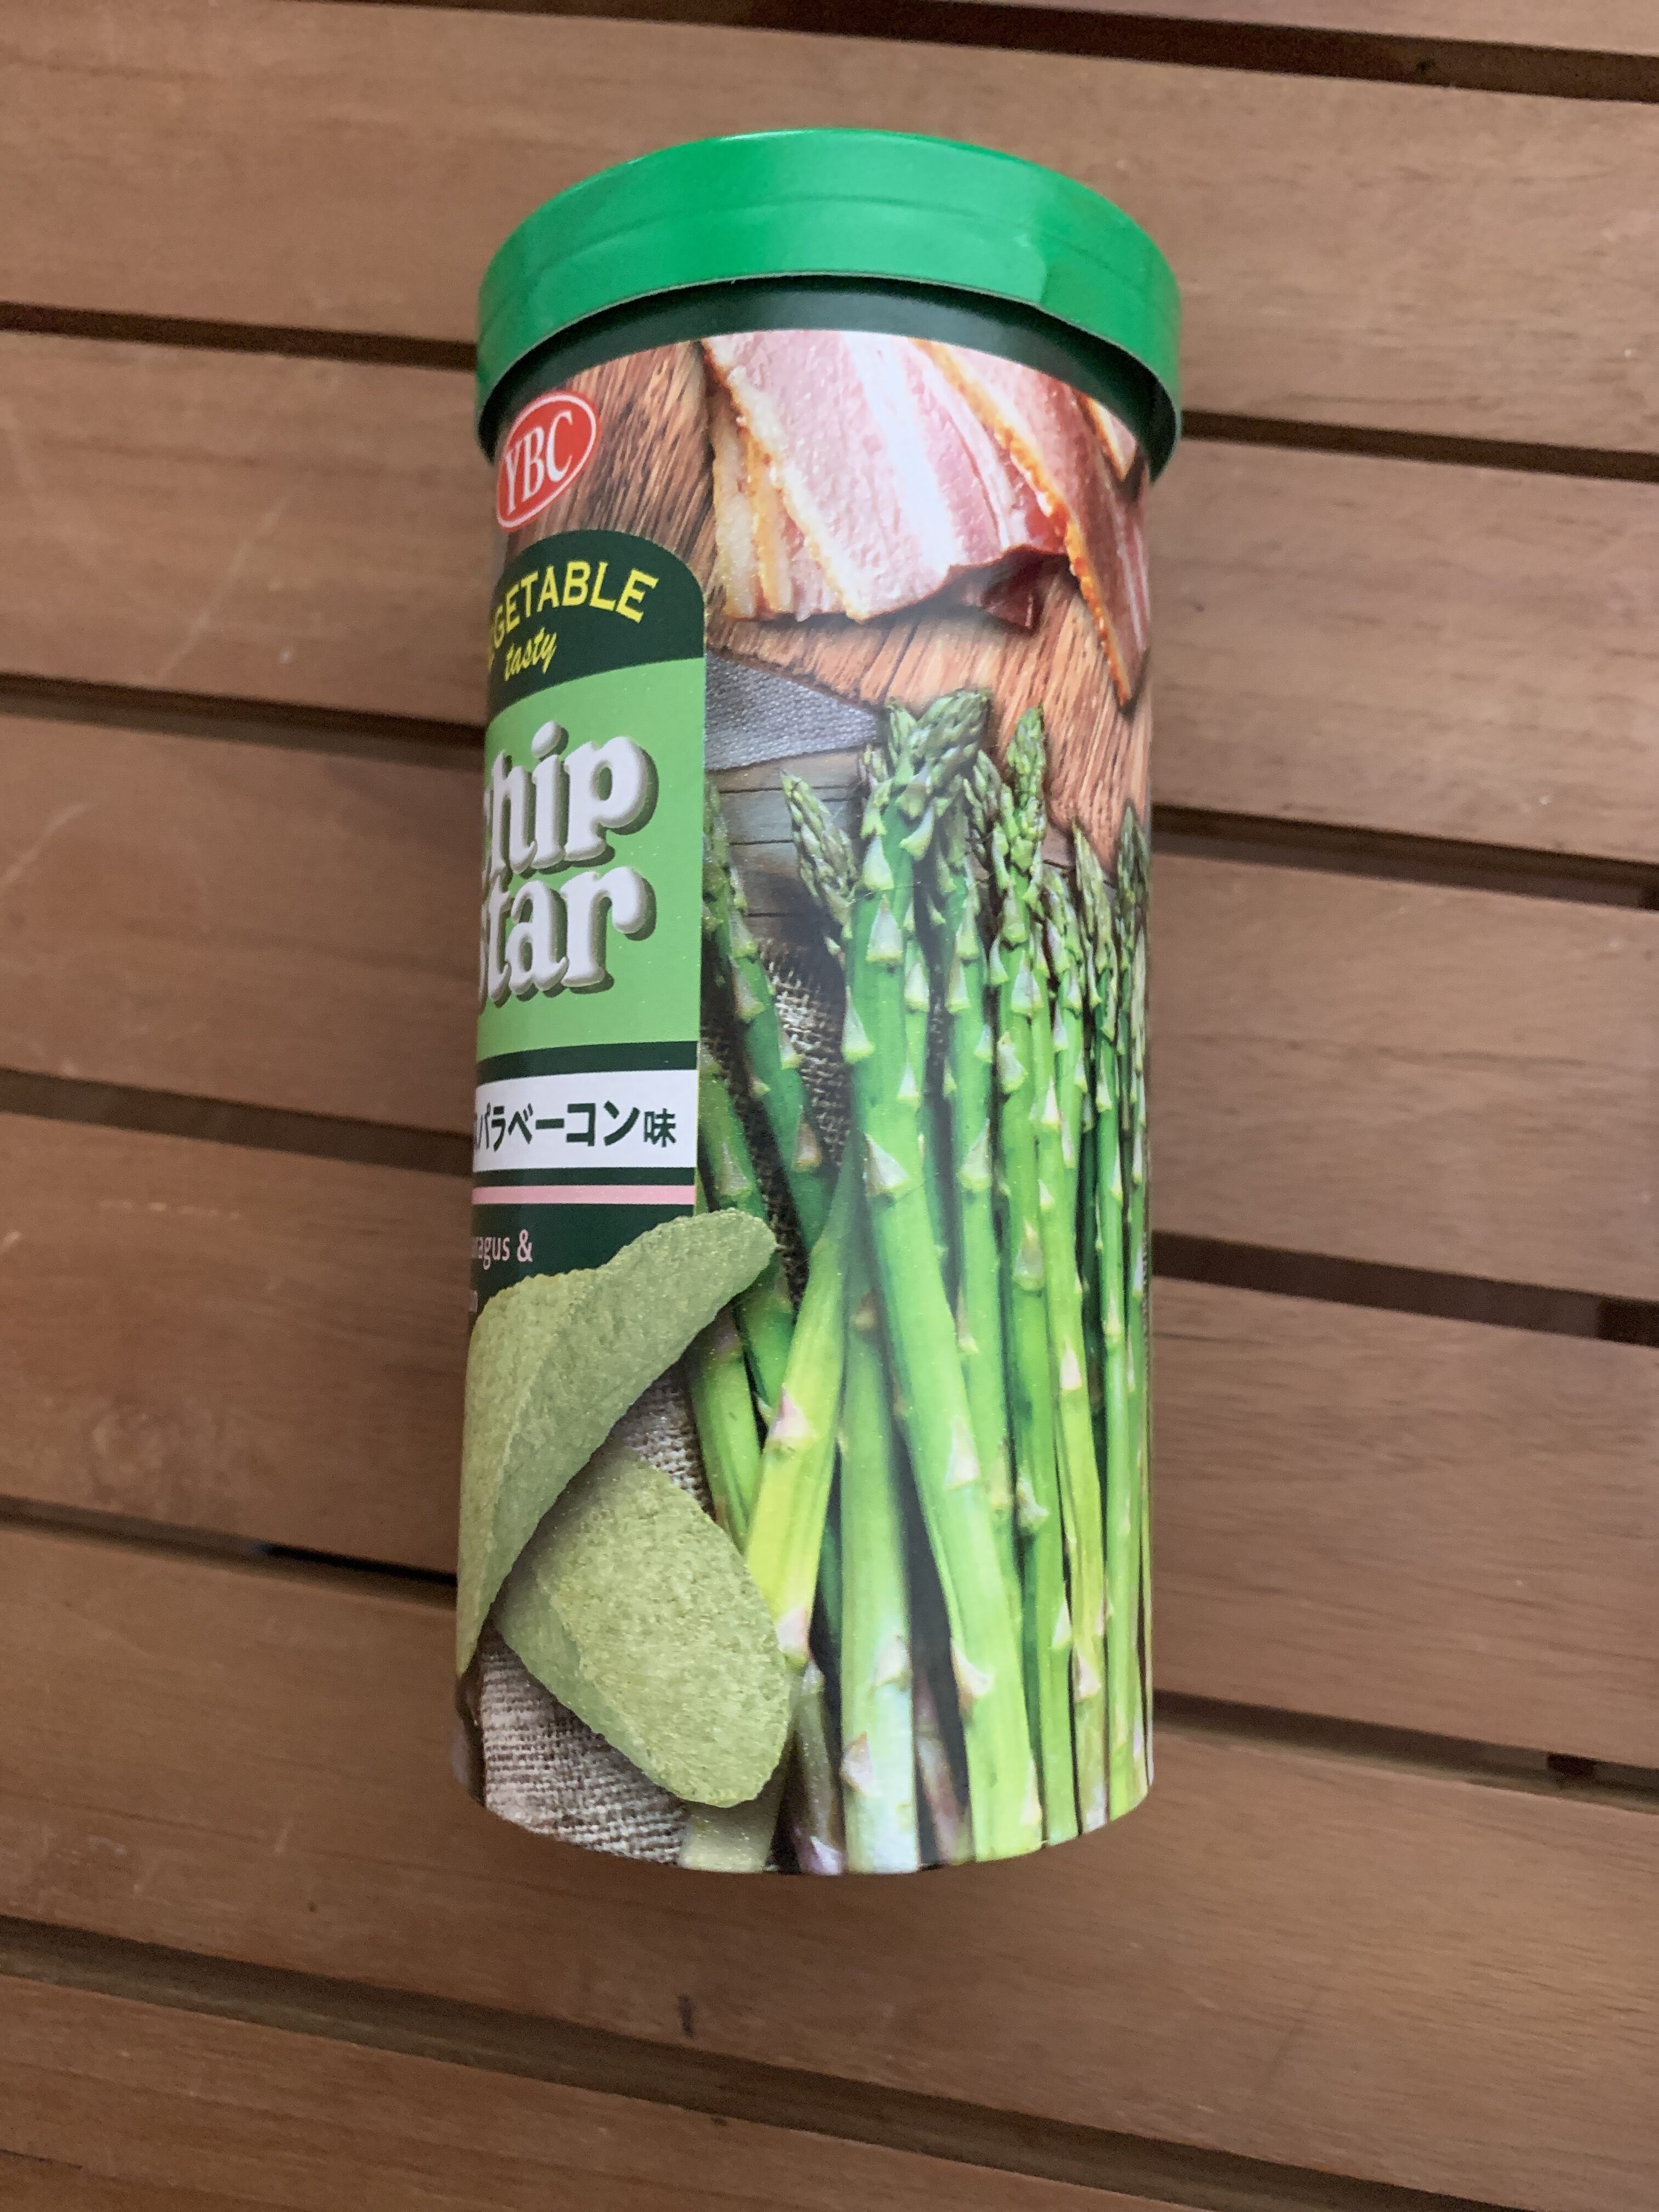 Chip Star Asparagus & Bacon - Product - ja